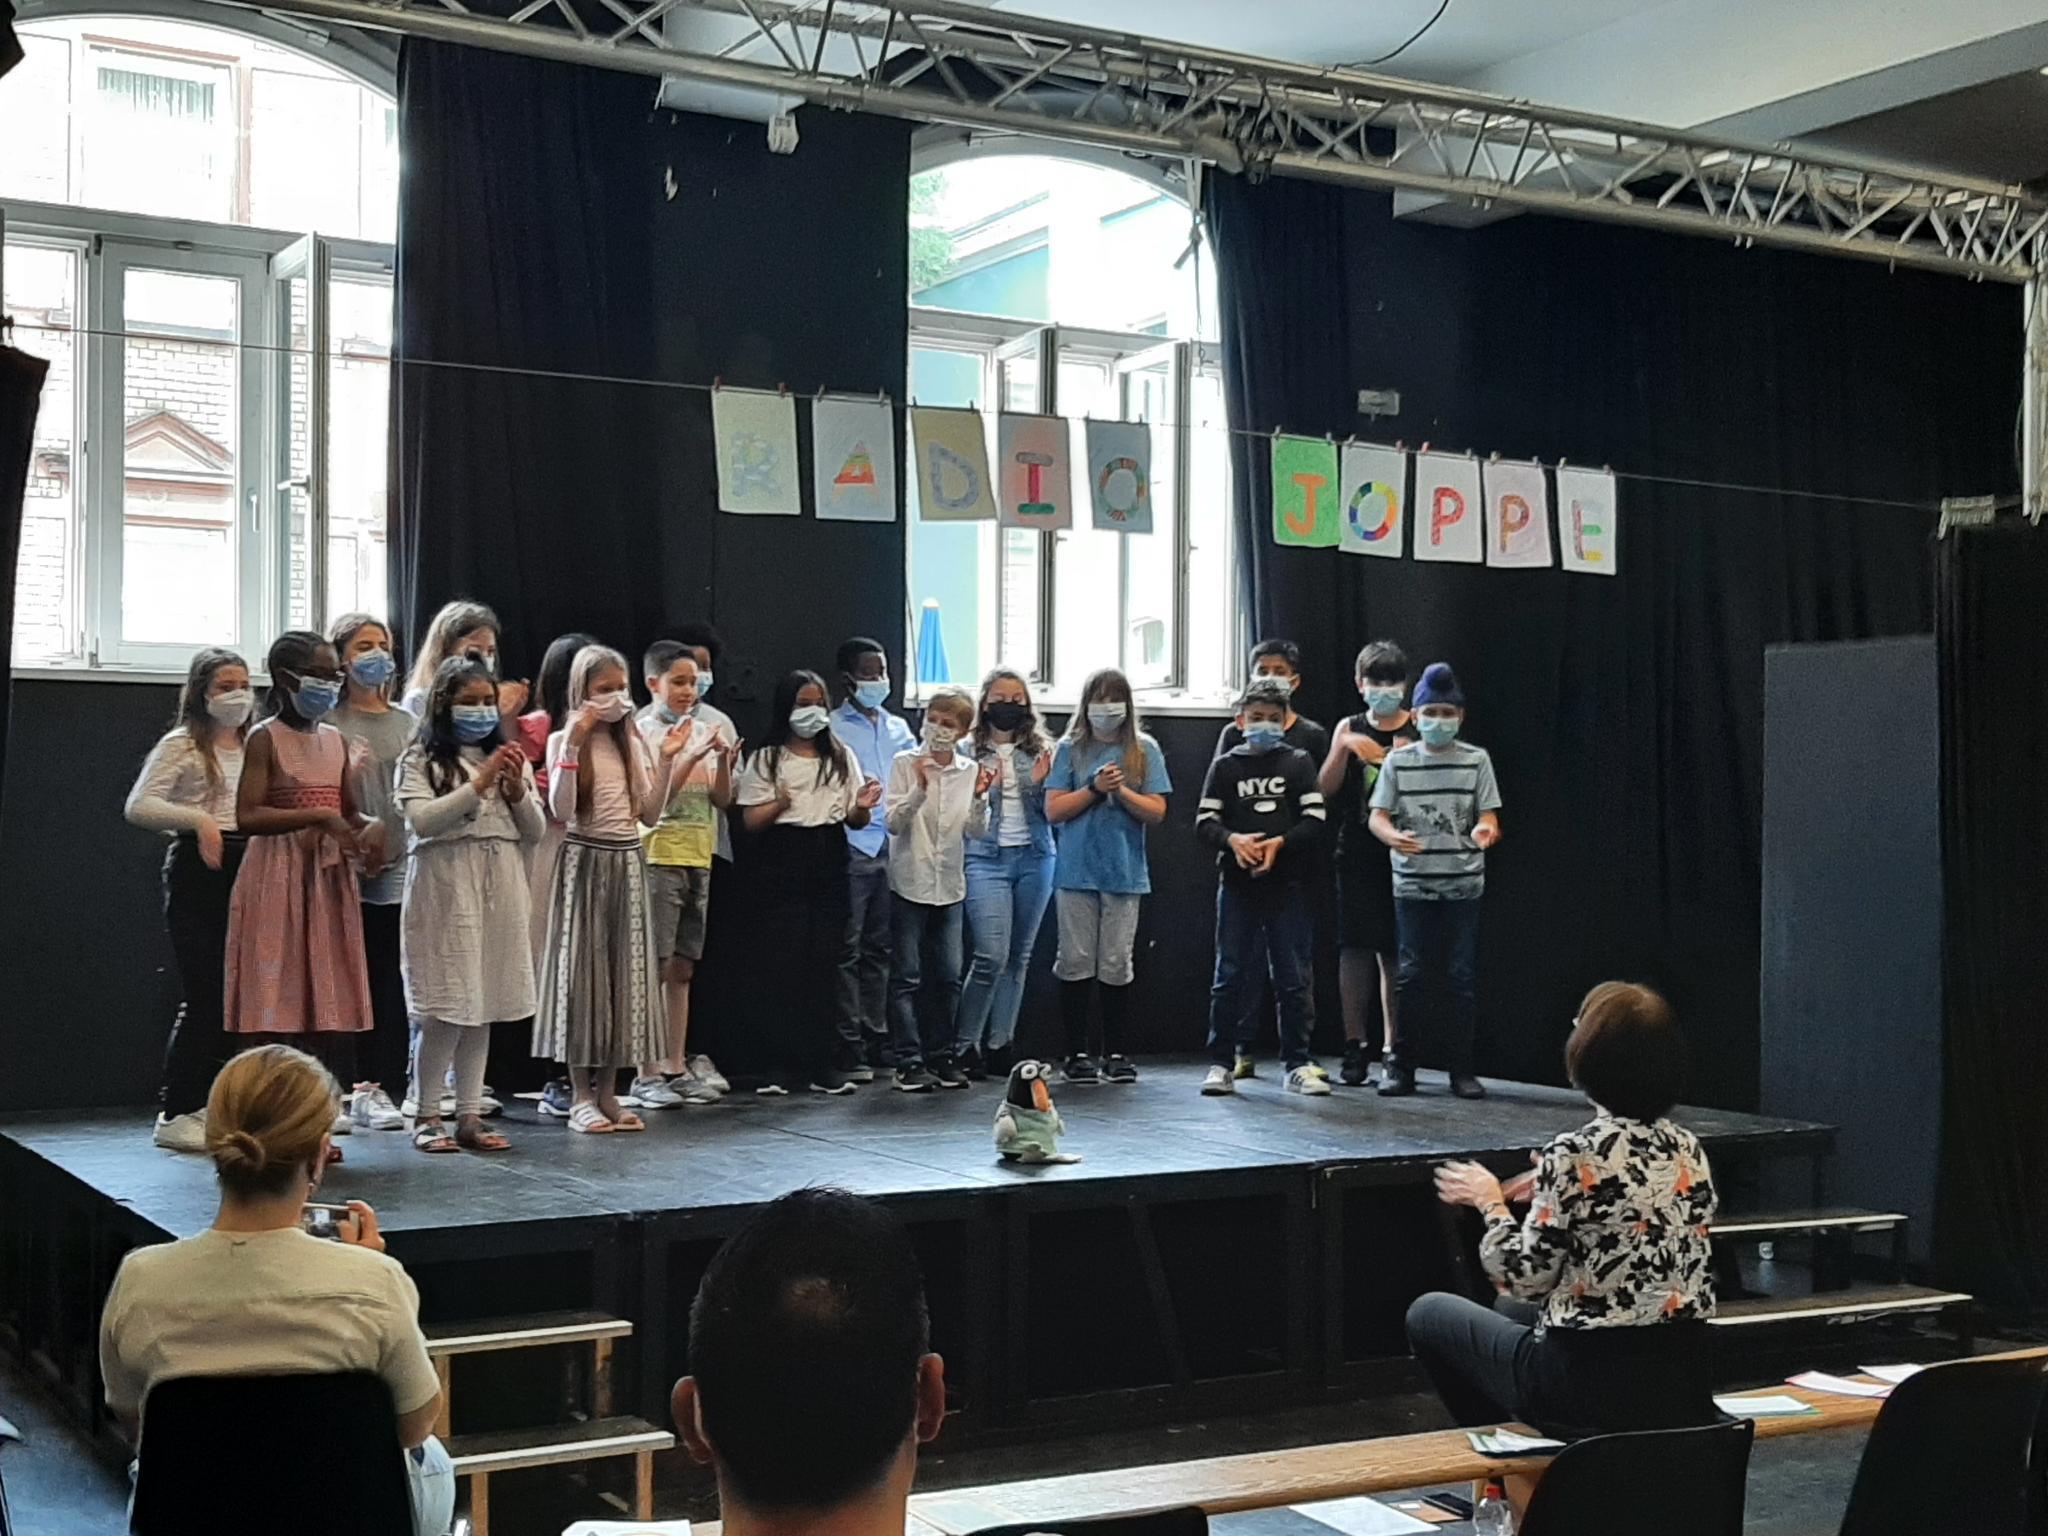 Gruppe von Schülerinnen und Schülern auf einer Bühne